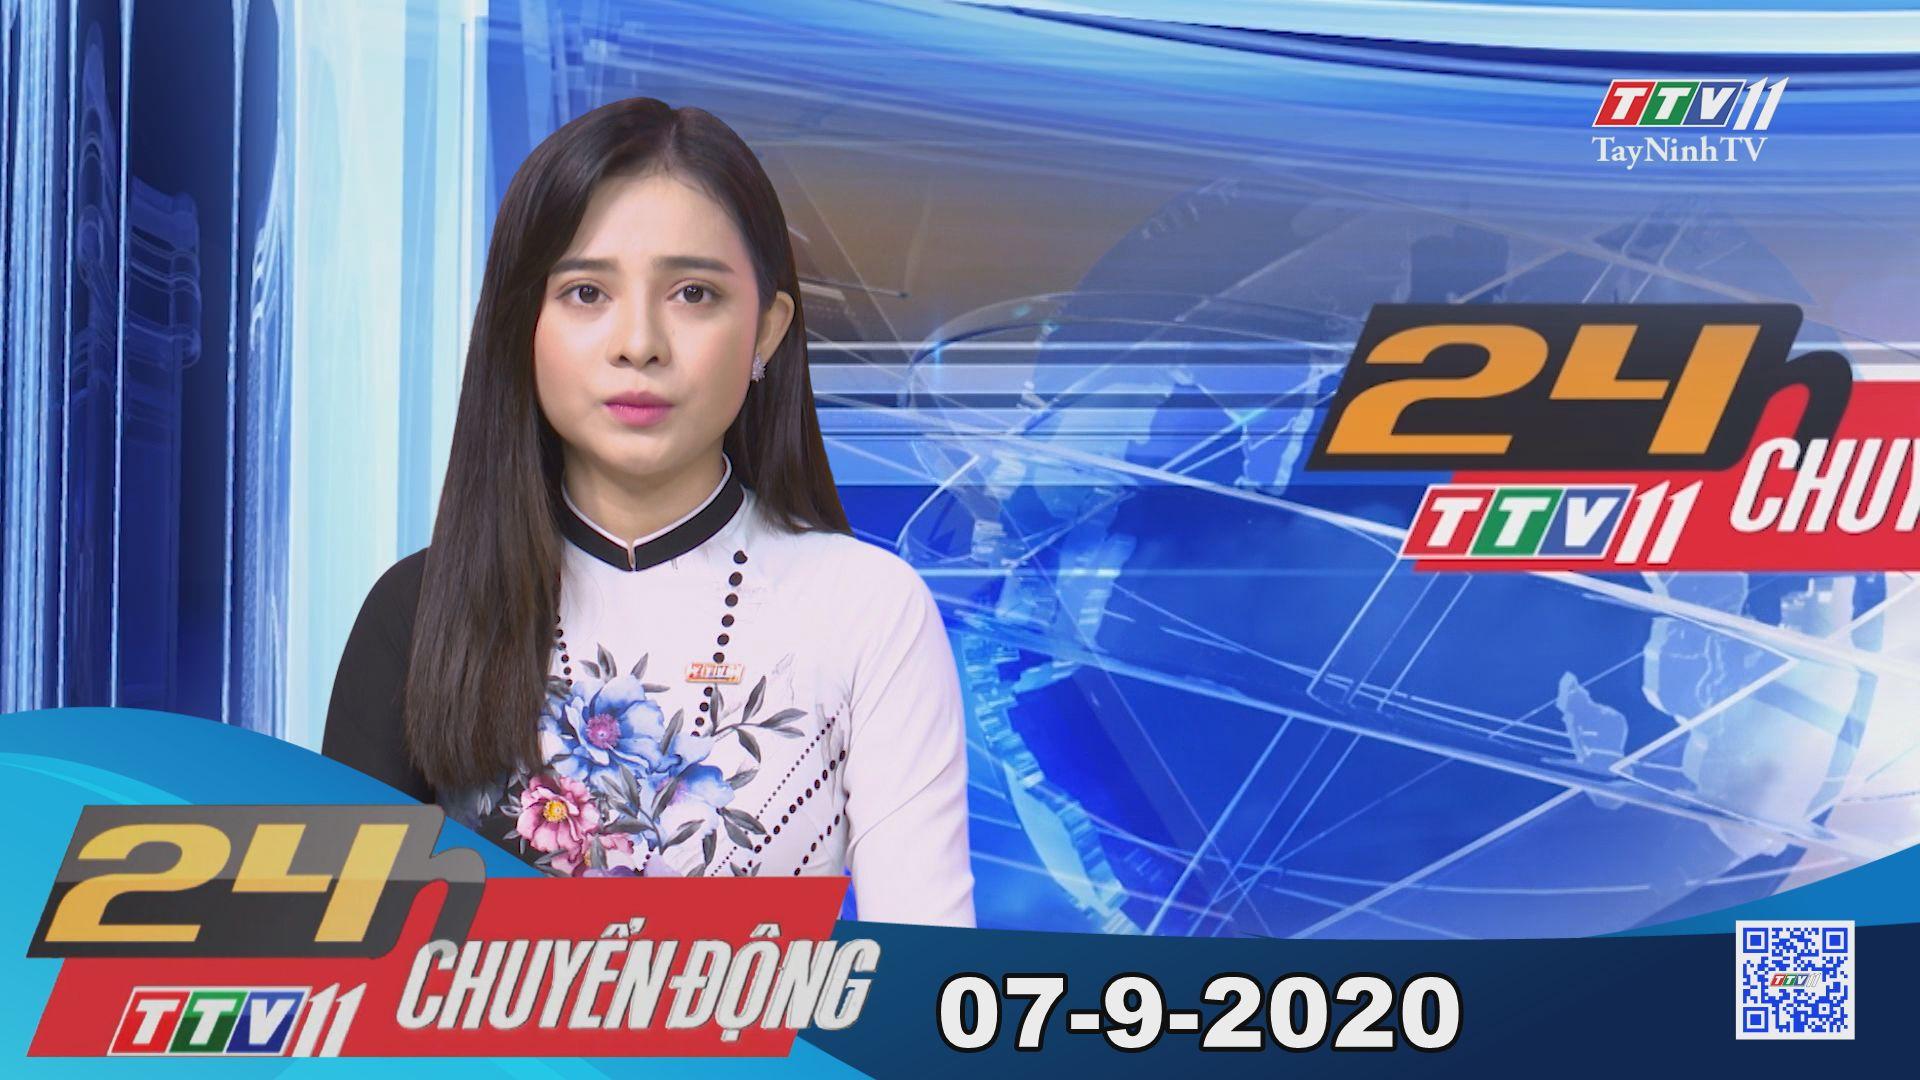 24h Chuyển động 07-9-2020 | Tin tức hôm nay | TayNinhTV